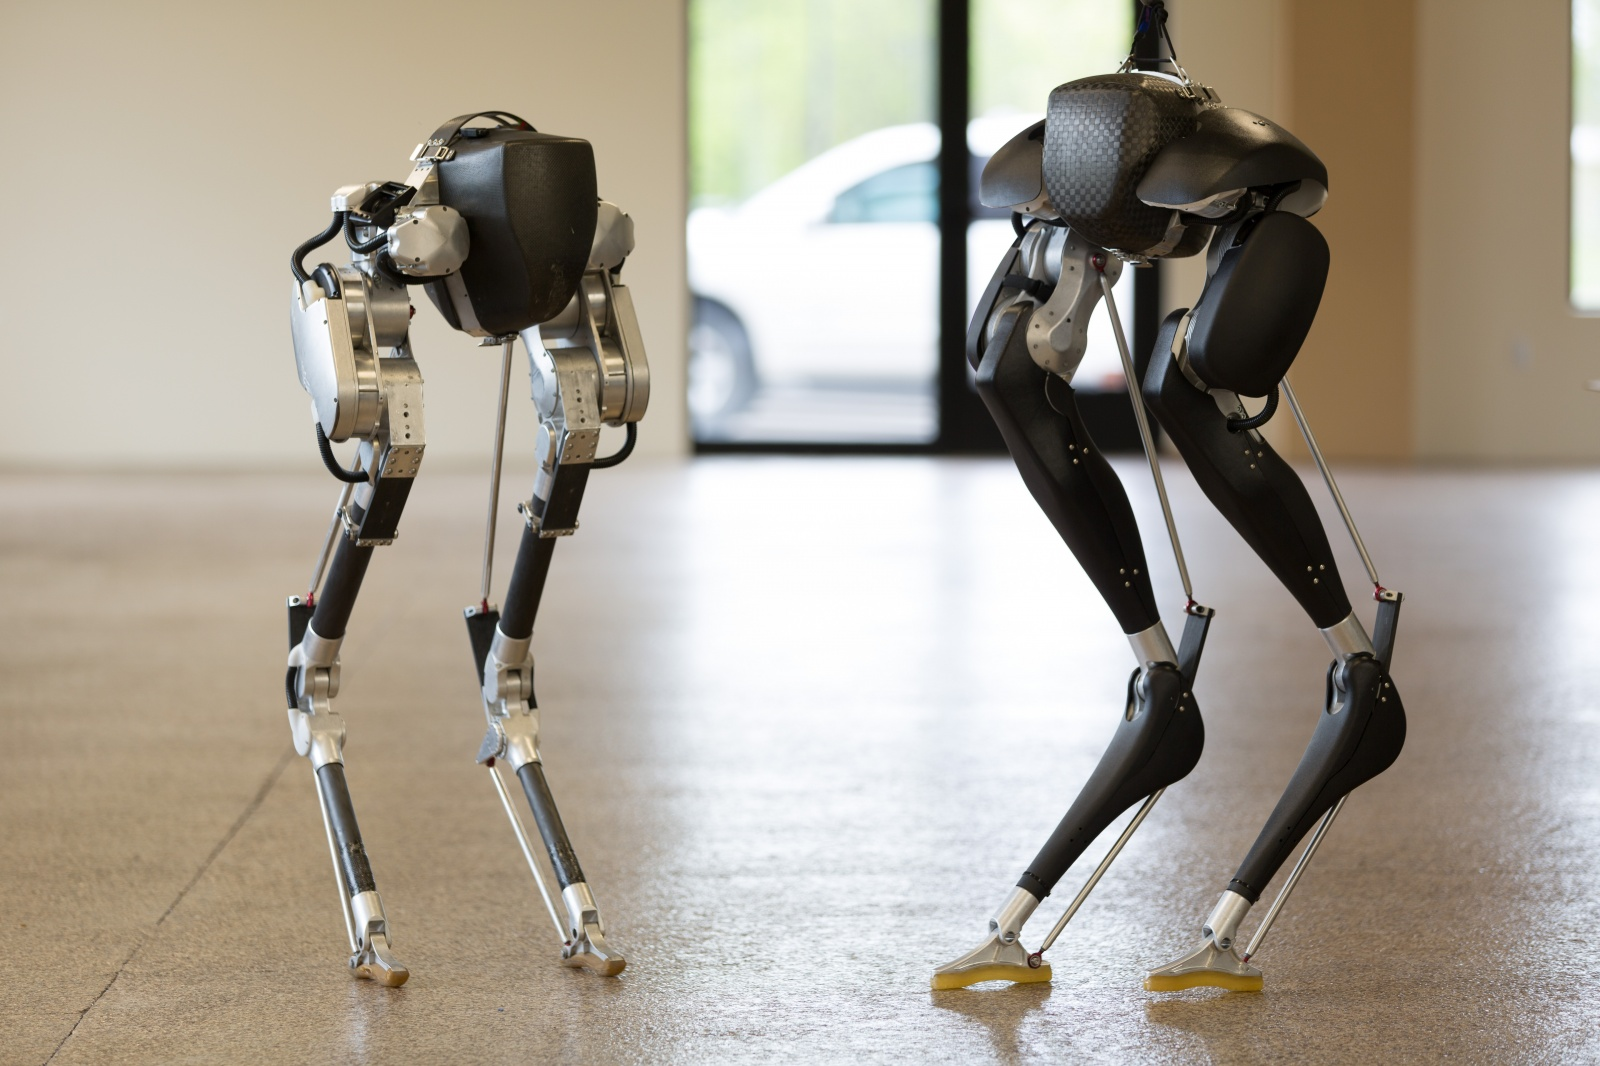 Подробности создания управляемого человеком спортивного робота весом 3600 кг - 6